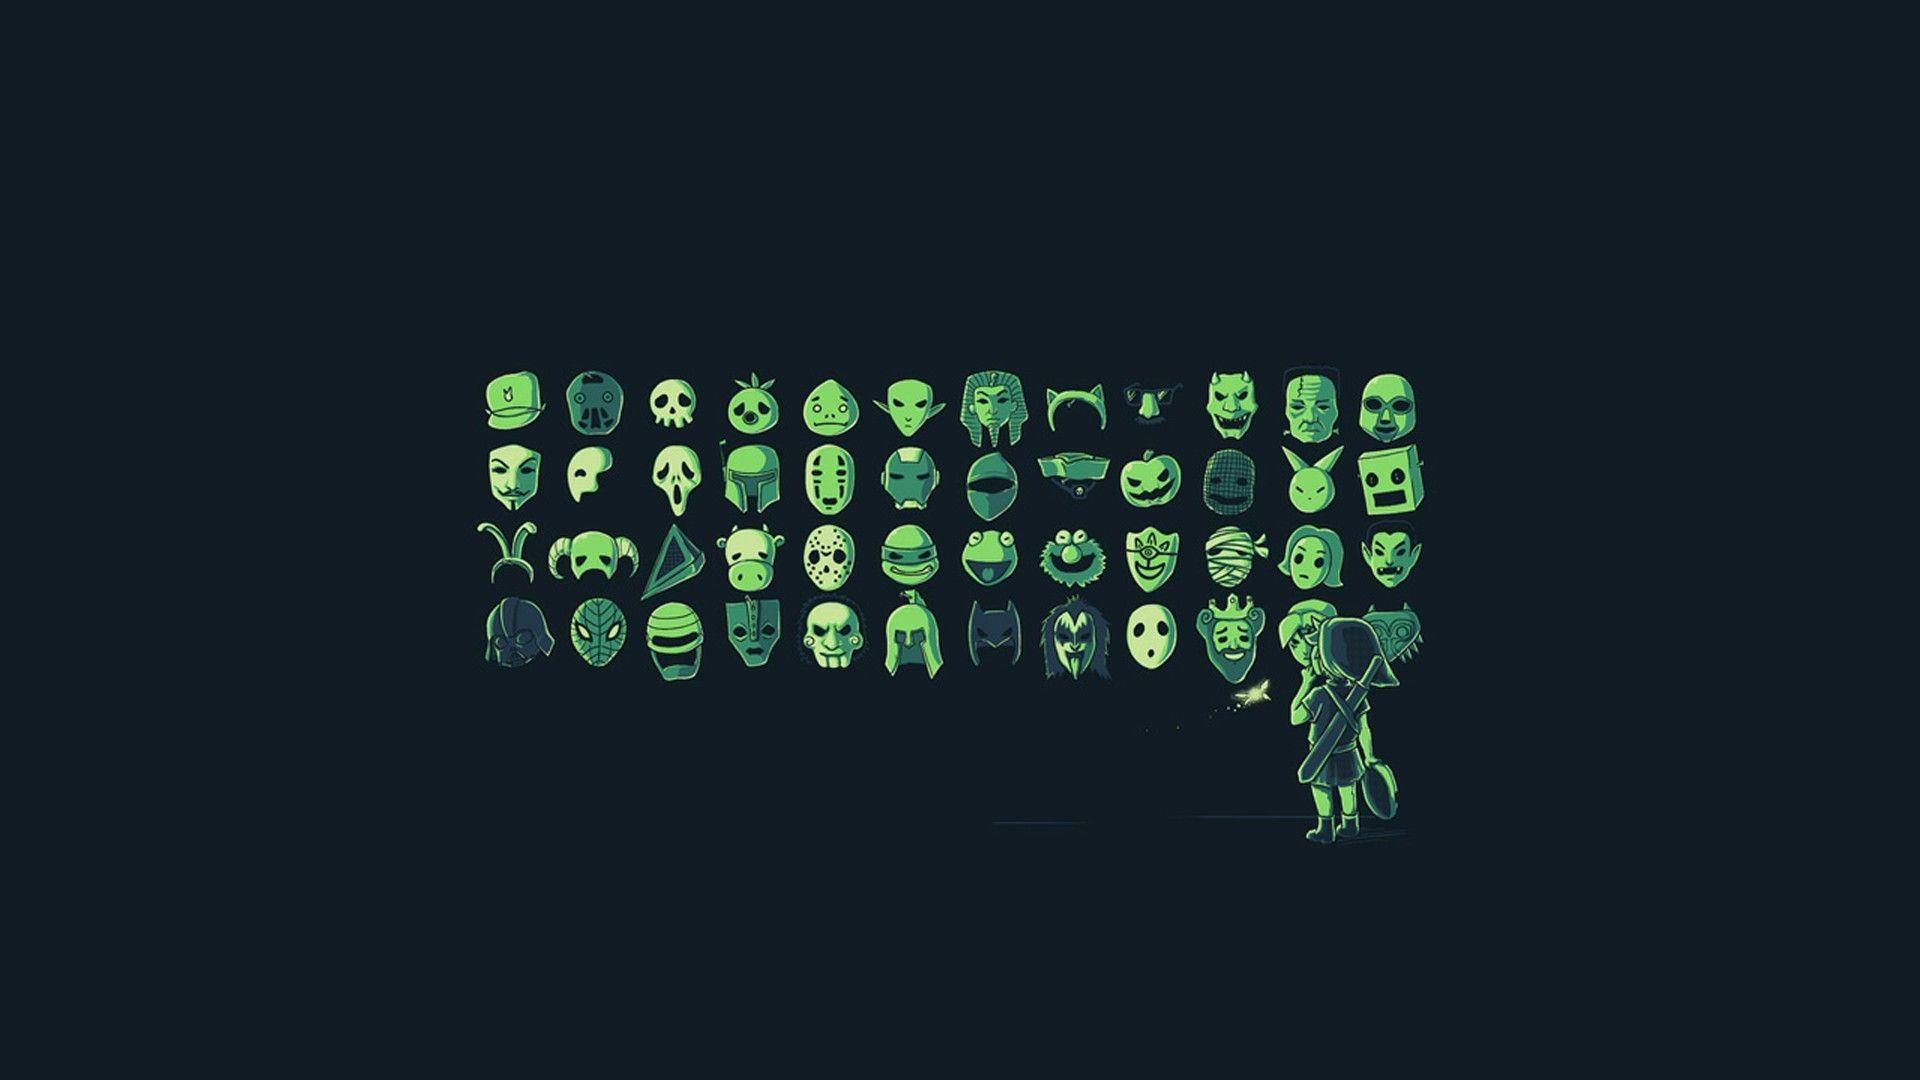 #The Legend of Zelda, #mask, #digital art, #Link, #video ...